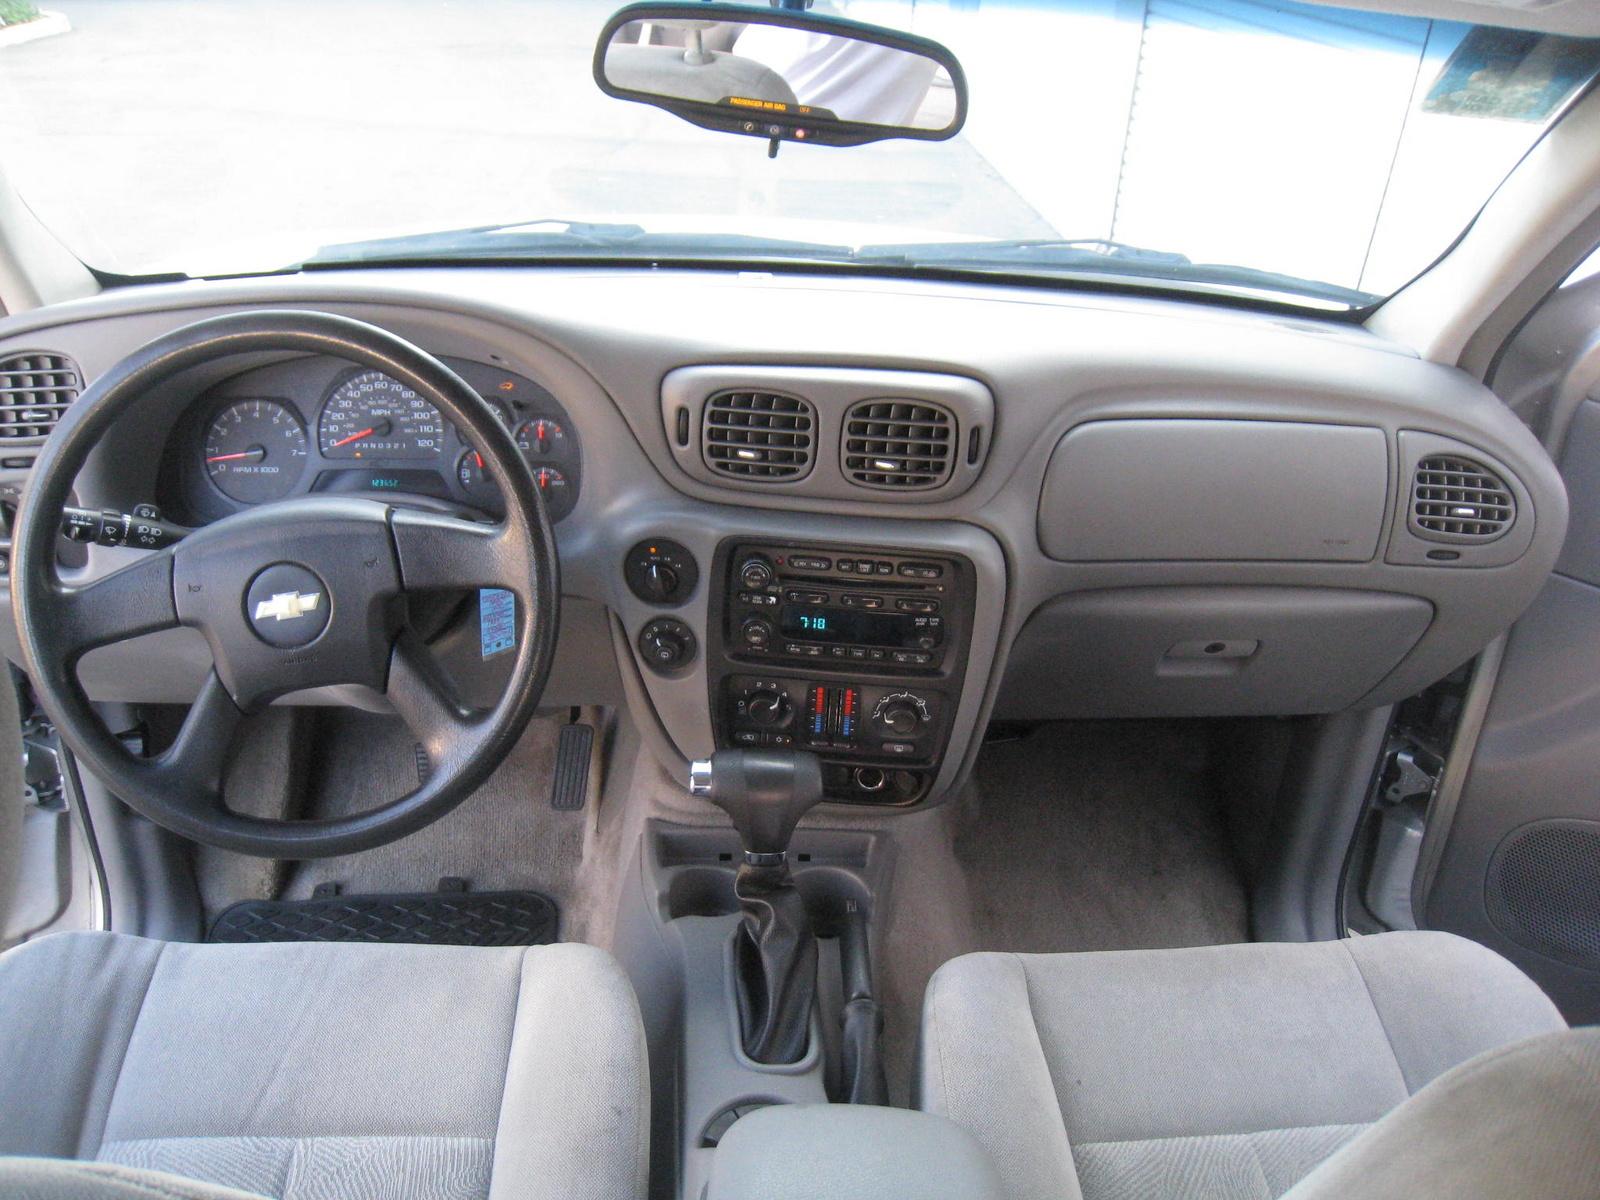 2003 Chevy Trailblazer Lt